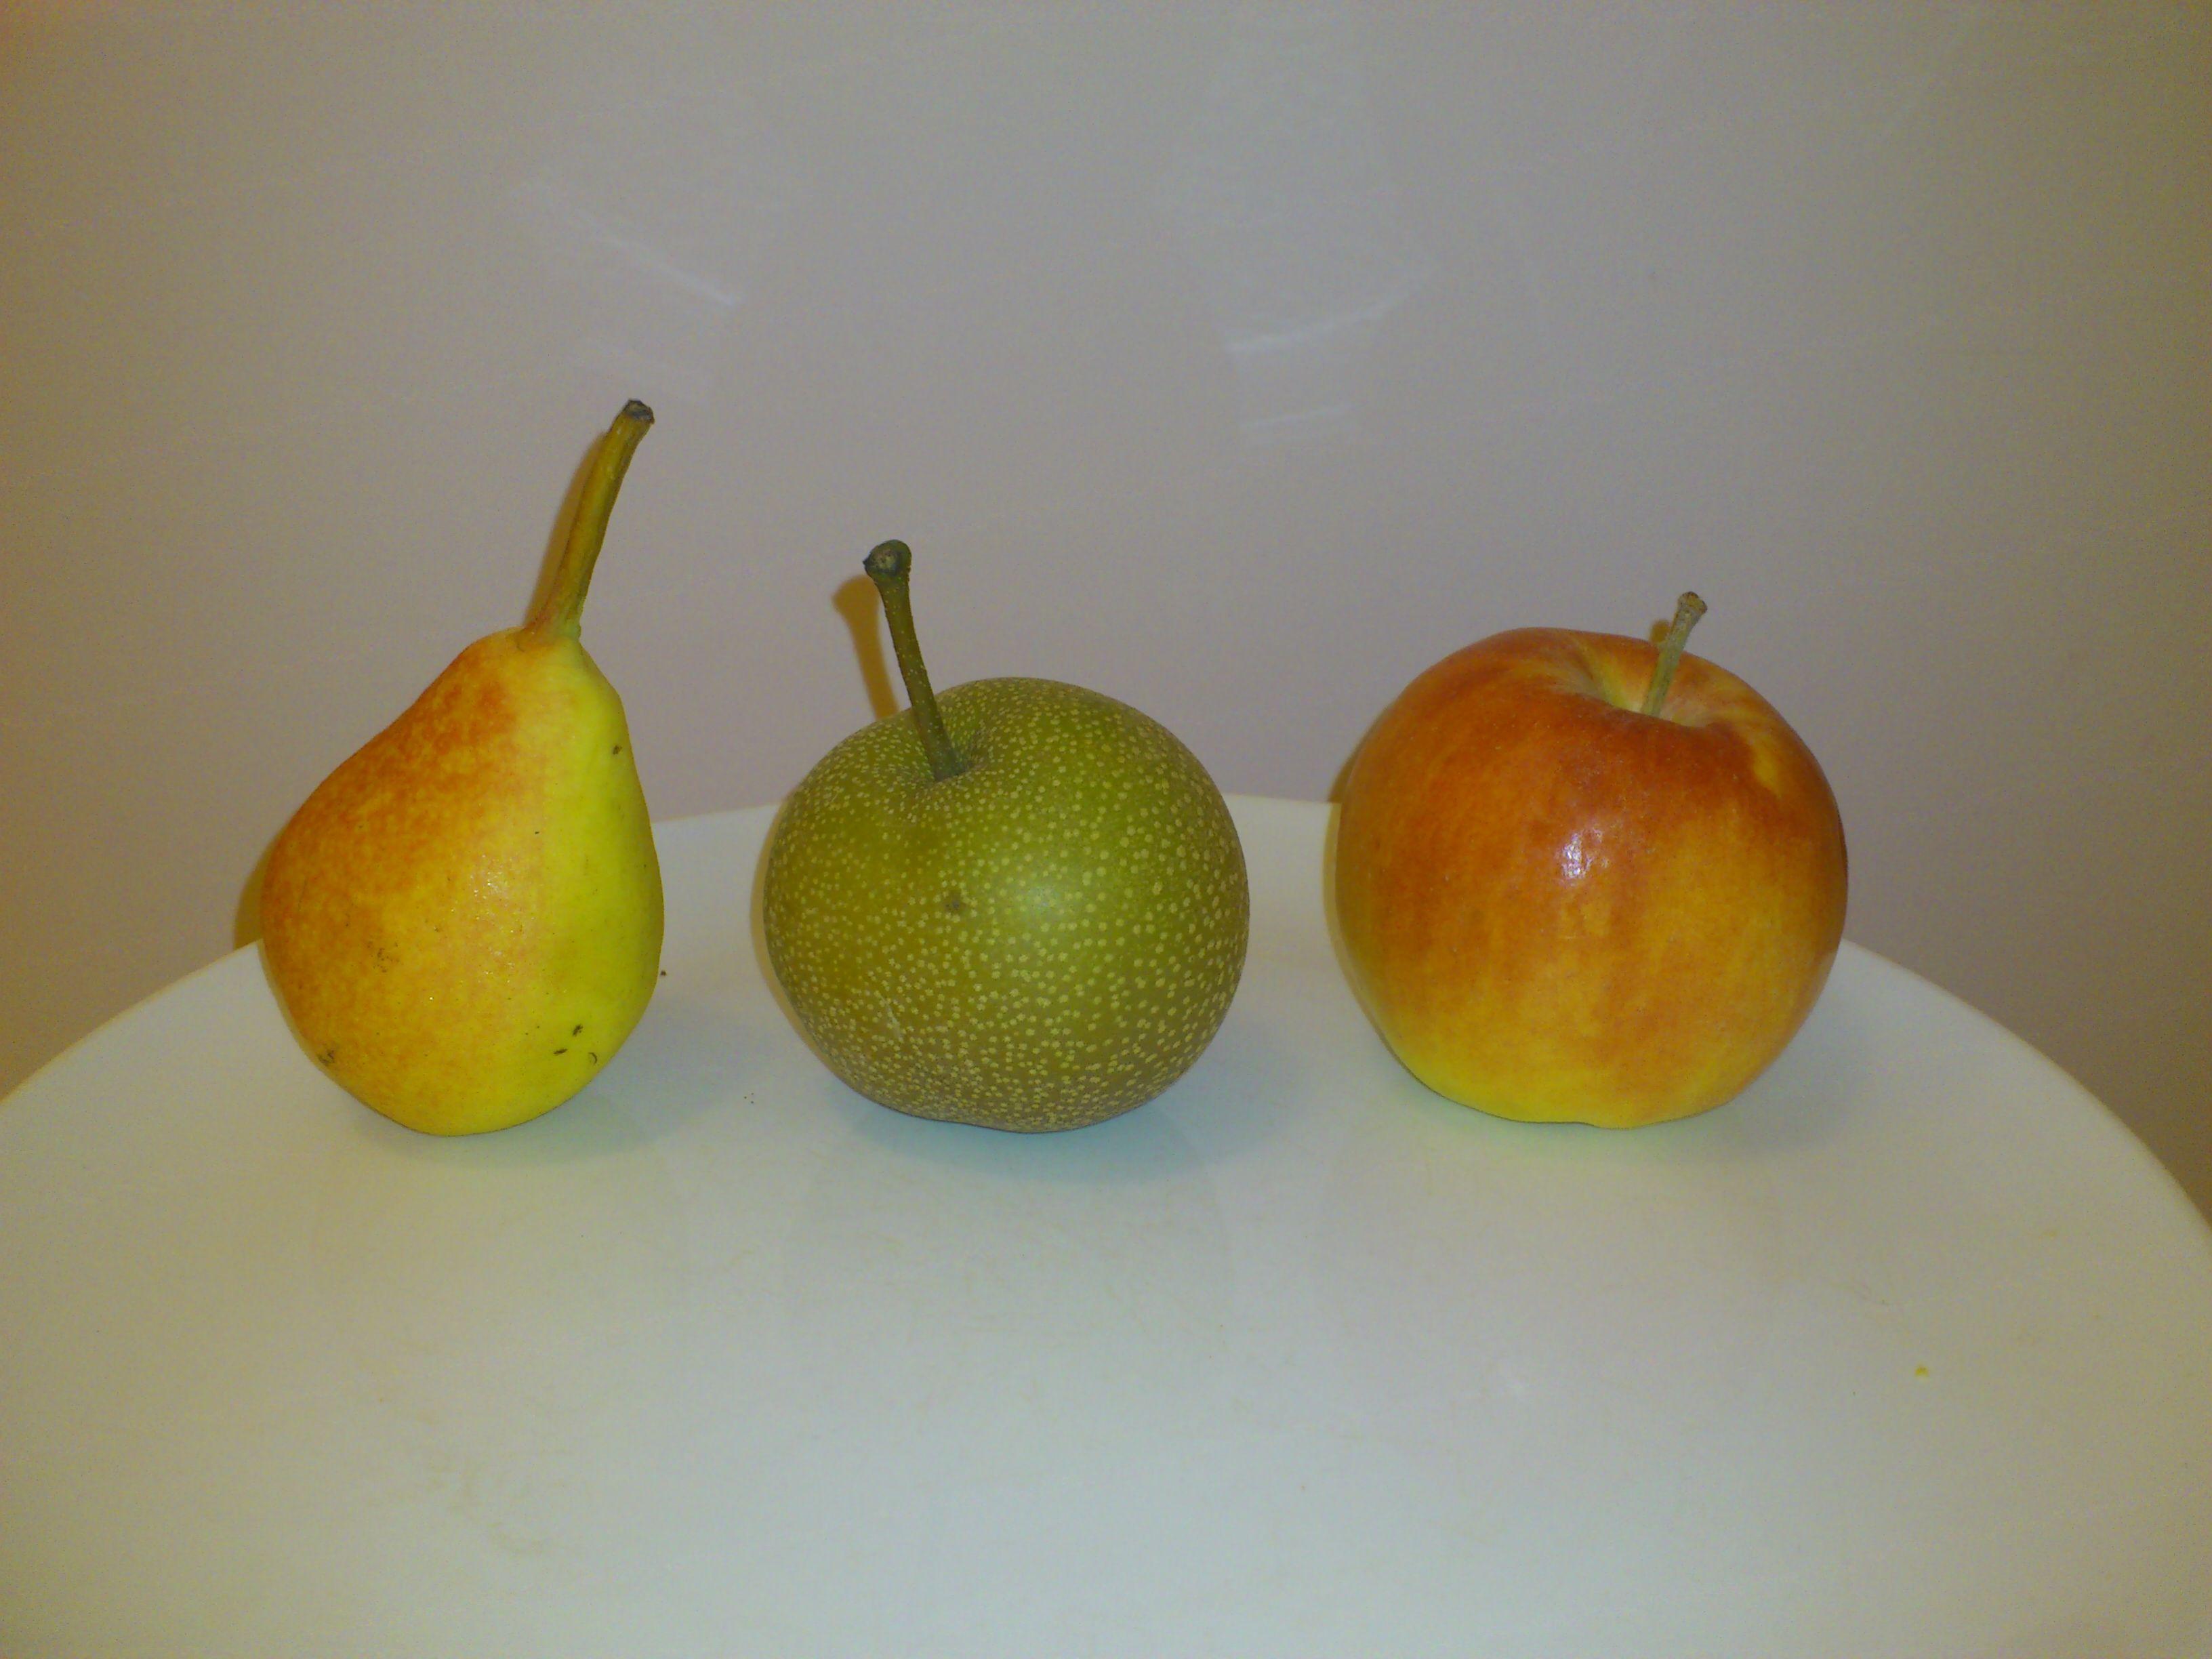 Strange Fruit Apple And Pear Hybrid Strange Fruit Fruit Herbs